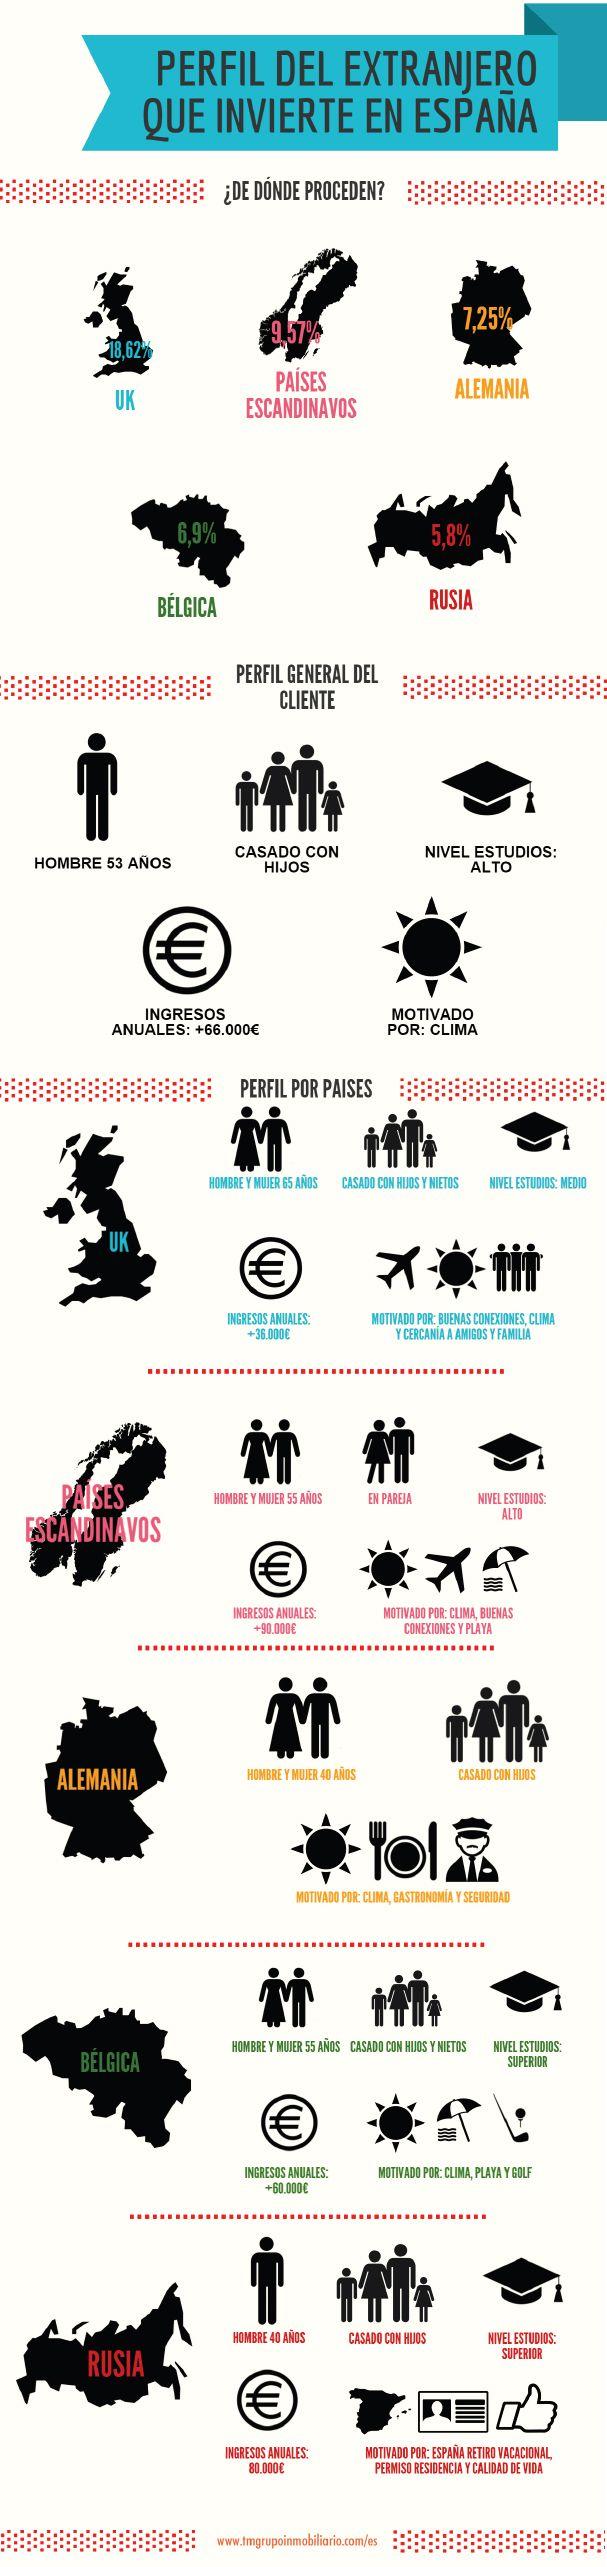 britanicos-franceses-y-alemanes-copan-la-compra-de-vivienda-en-espana